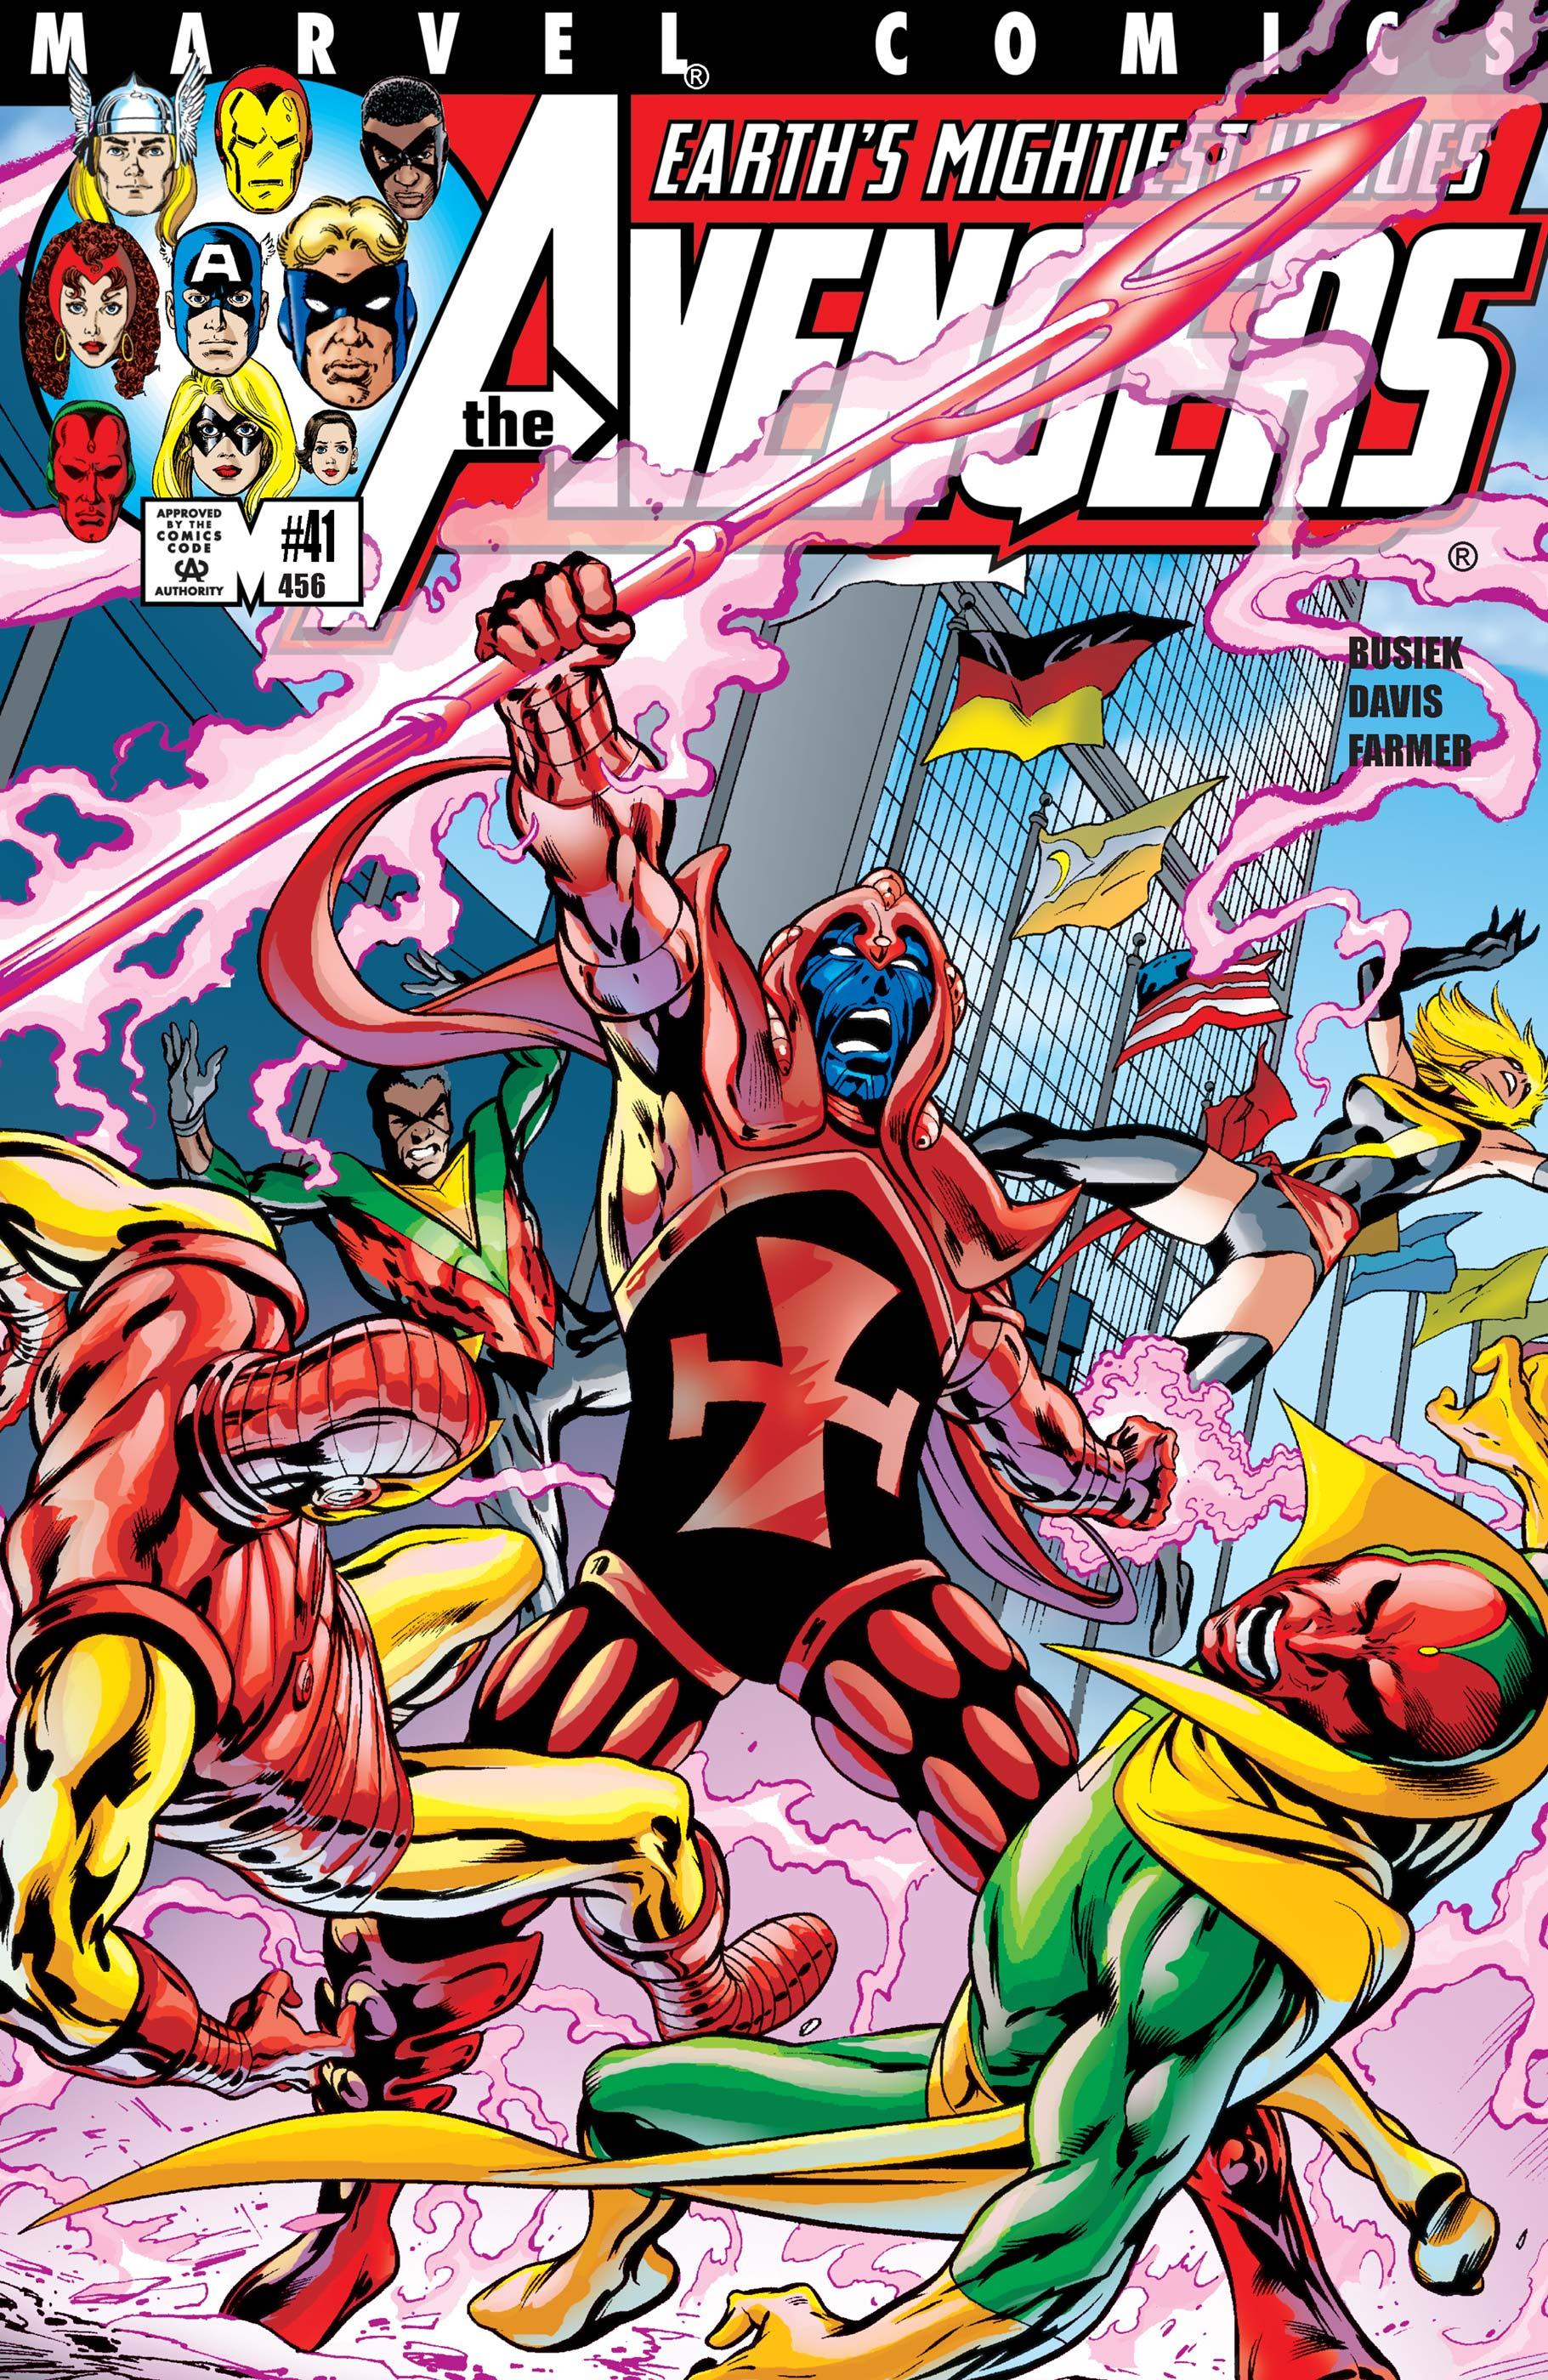 Avengers (1998) #41